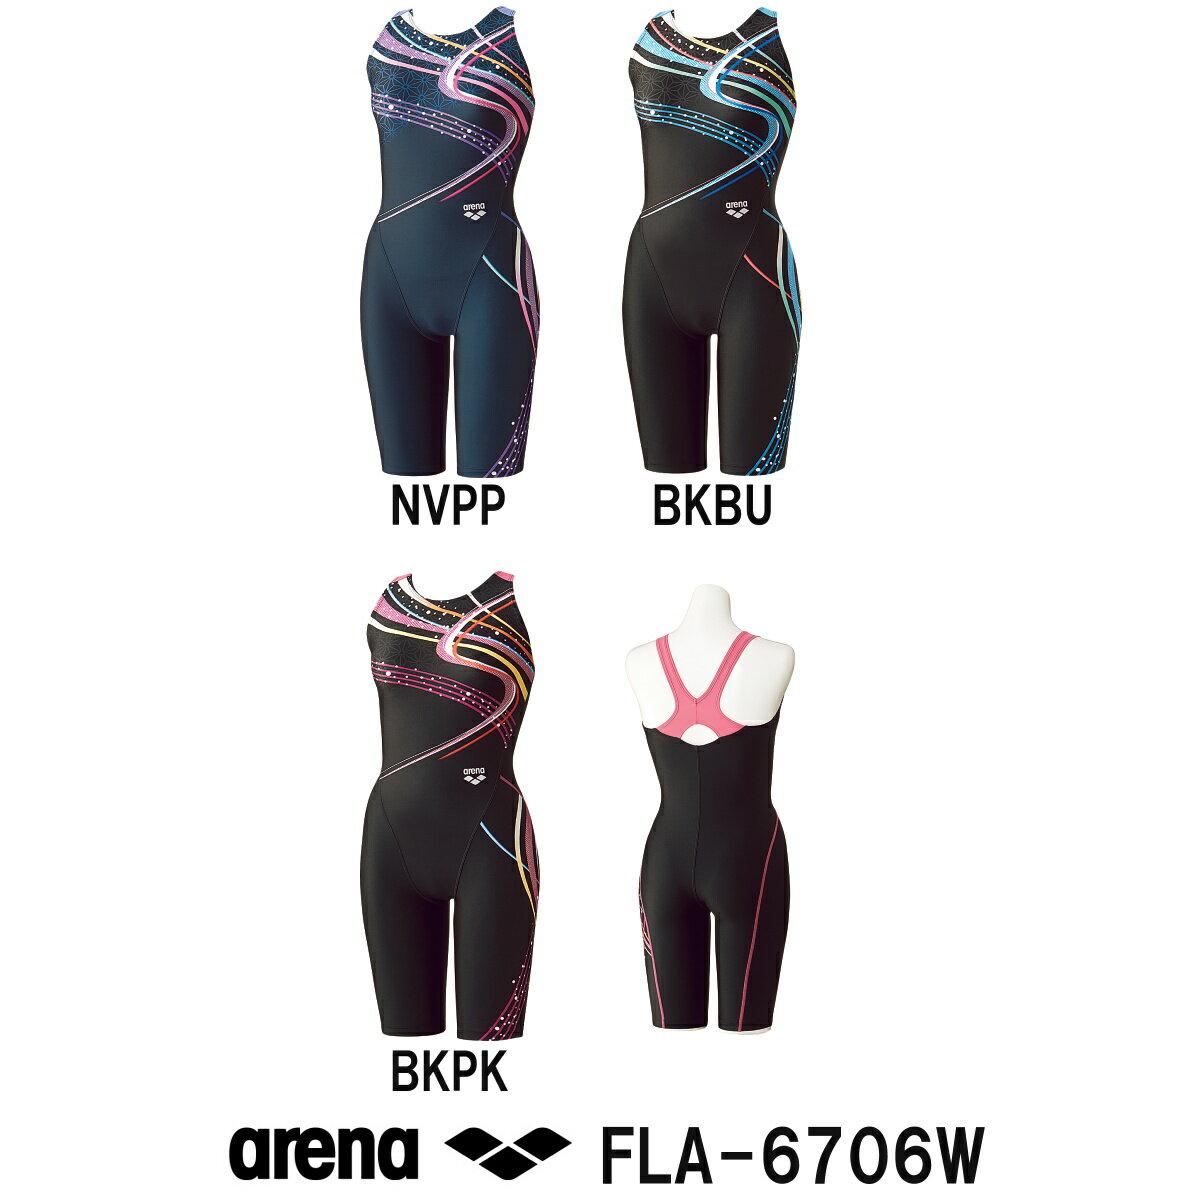 【送料無料】【FLA-6706W】ARENA(アリーナ) レディースフィットネス水着 ダブルエステルFW トライアングルバックスパッツ(ひっかけフィットパッド)[女性用/水着/ハーフスパッツ/フィットネス]